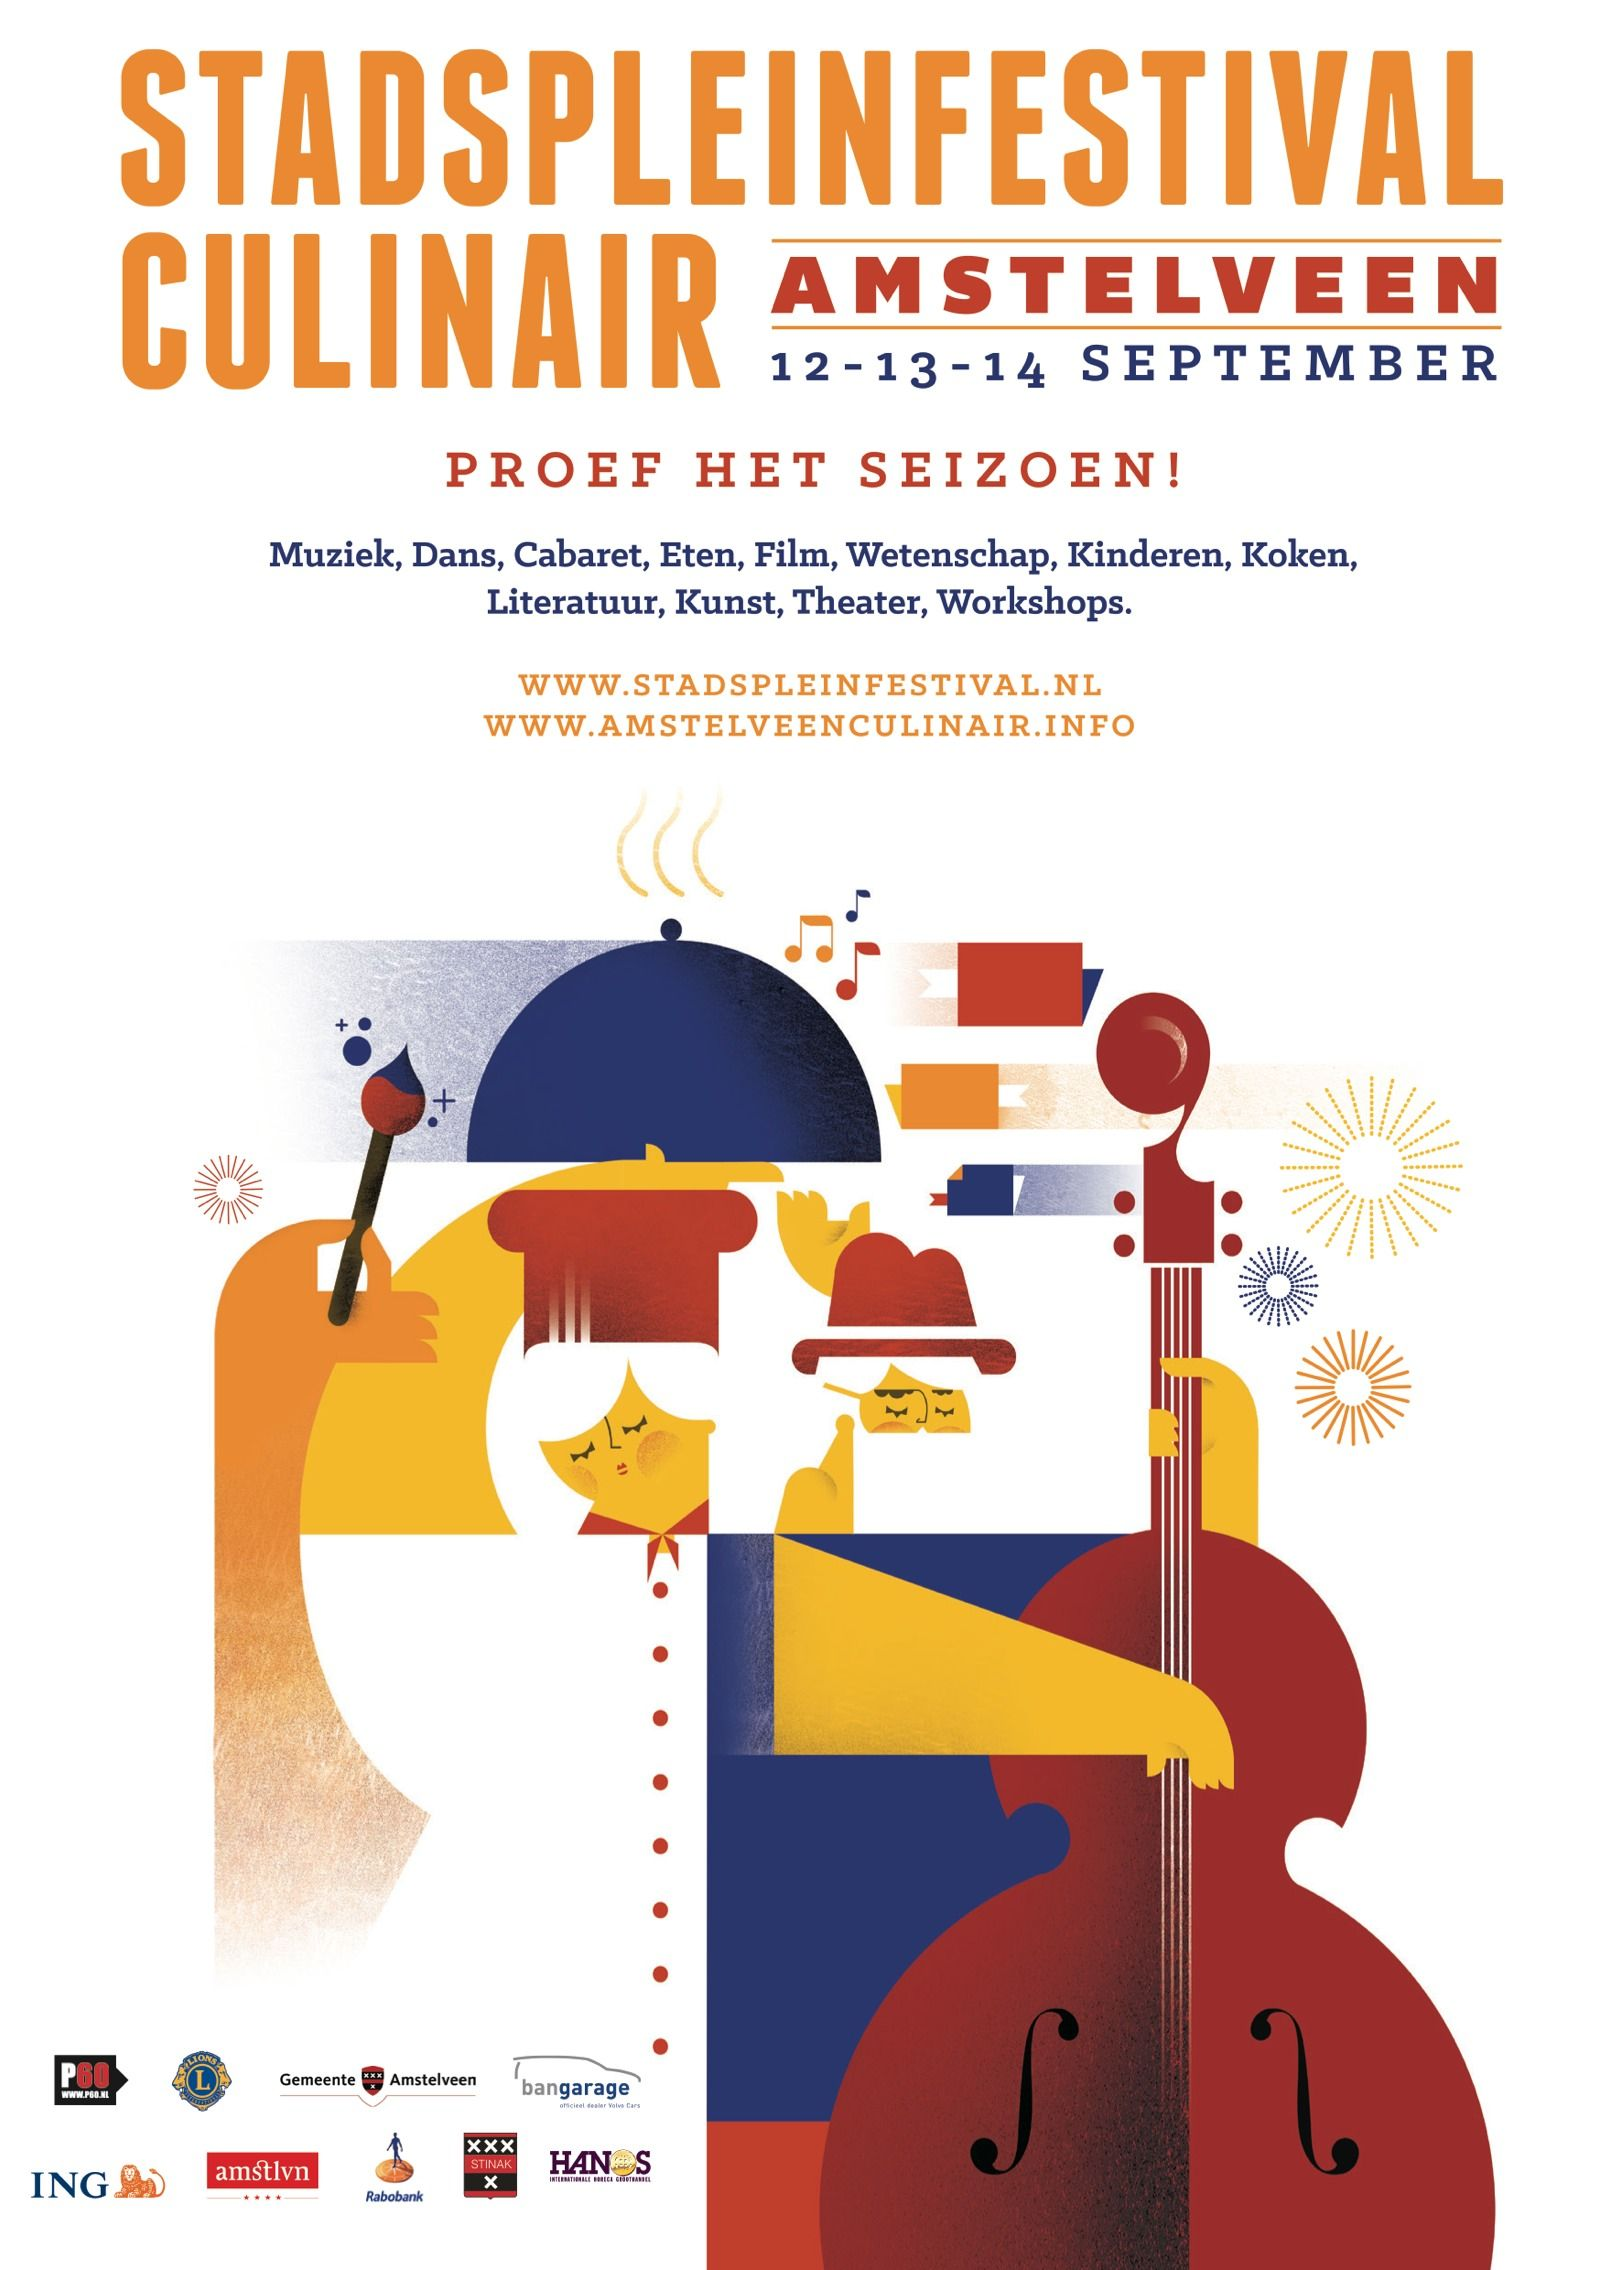 Stadspleinfestival Amstelveen 12 - 13 - 14 september 2014